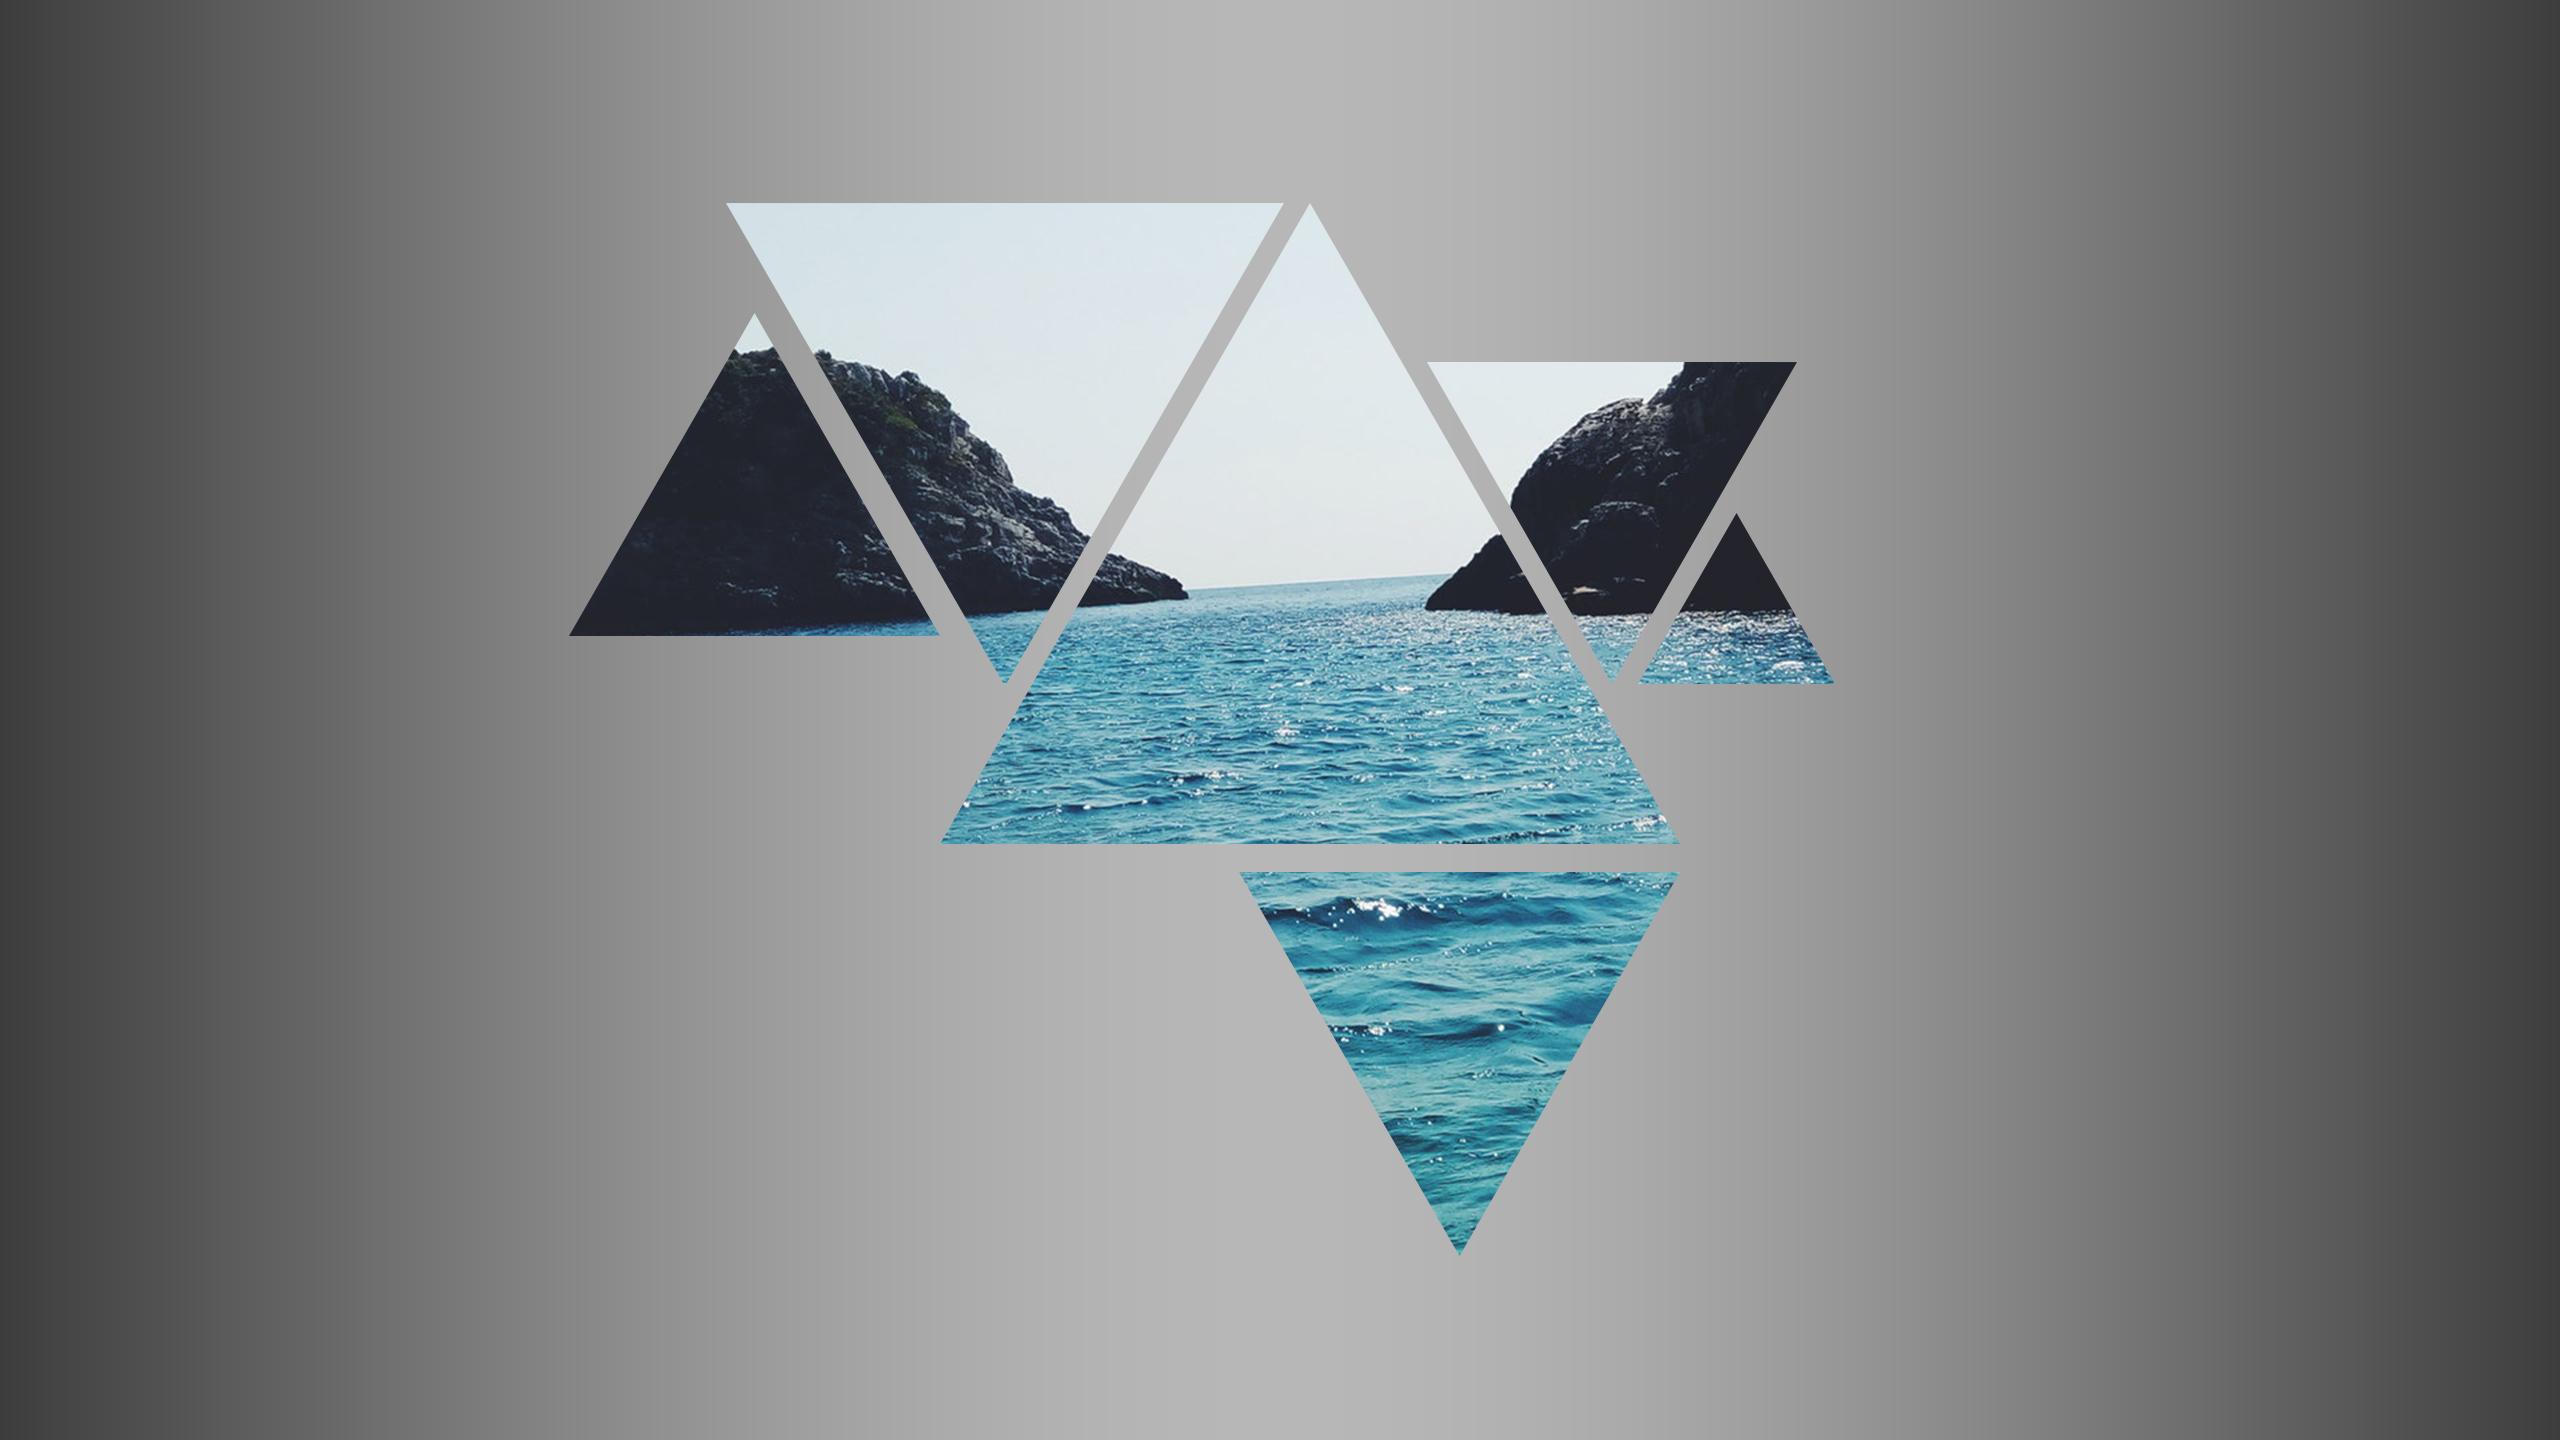 красивые картинки в треугольниках примере